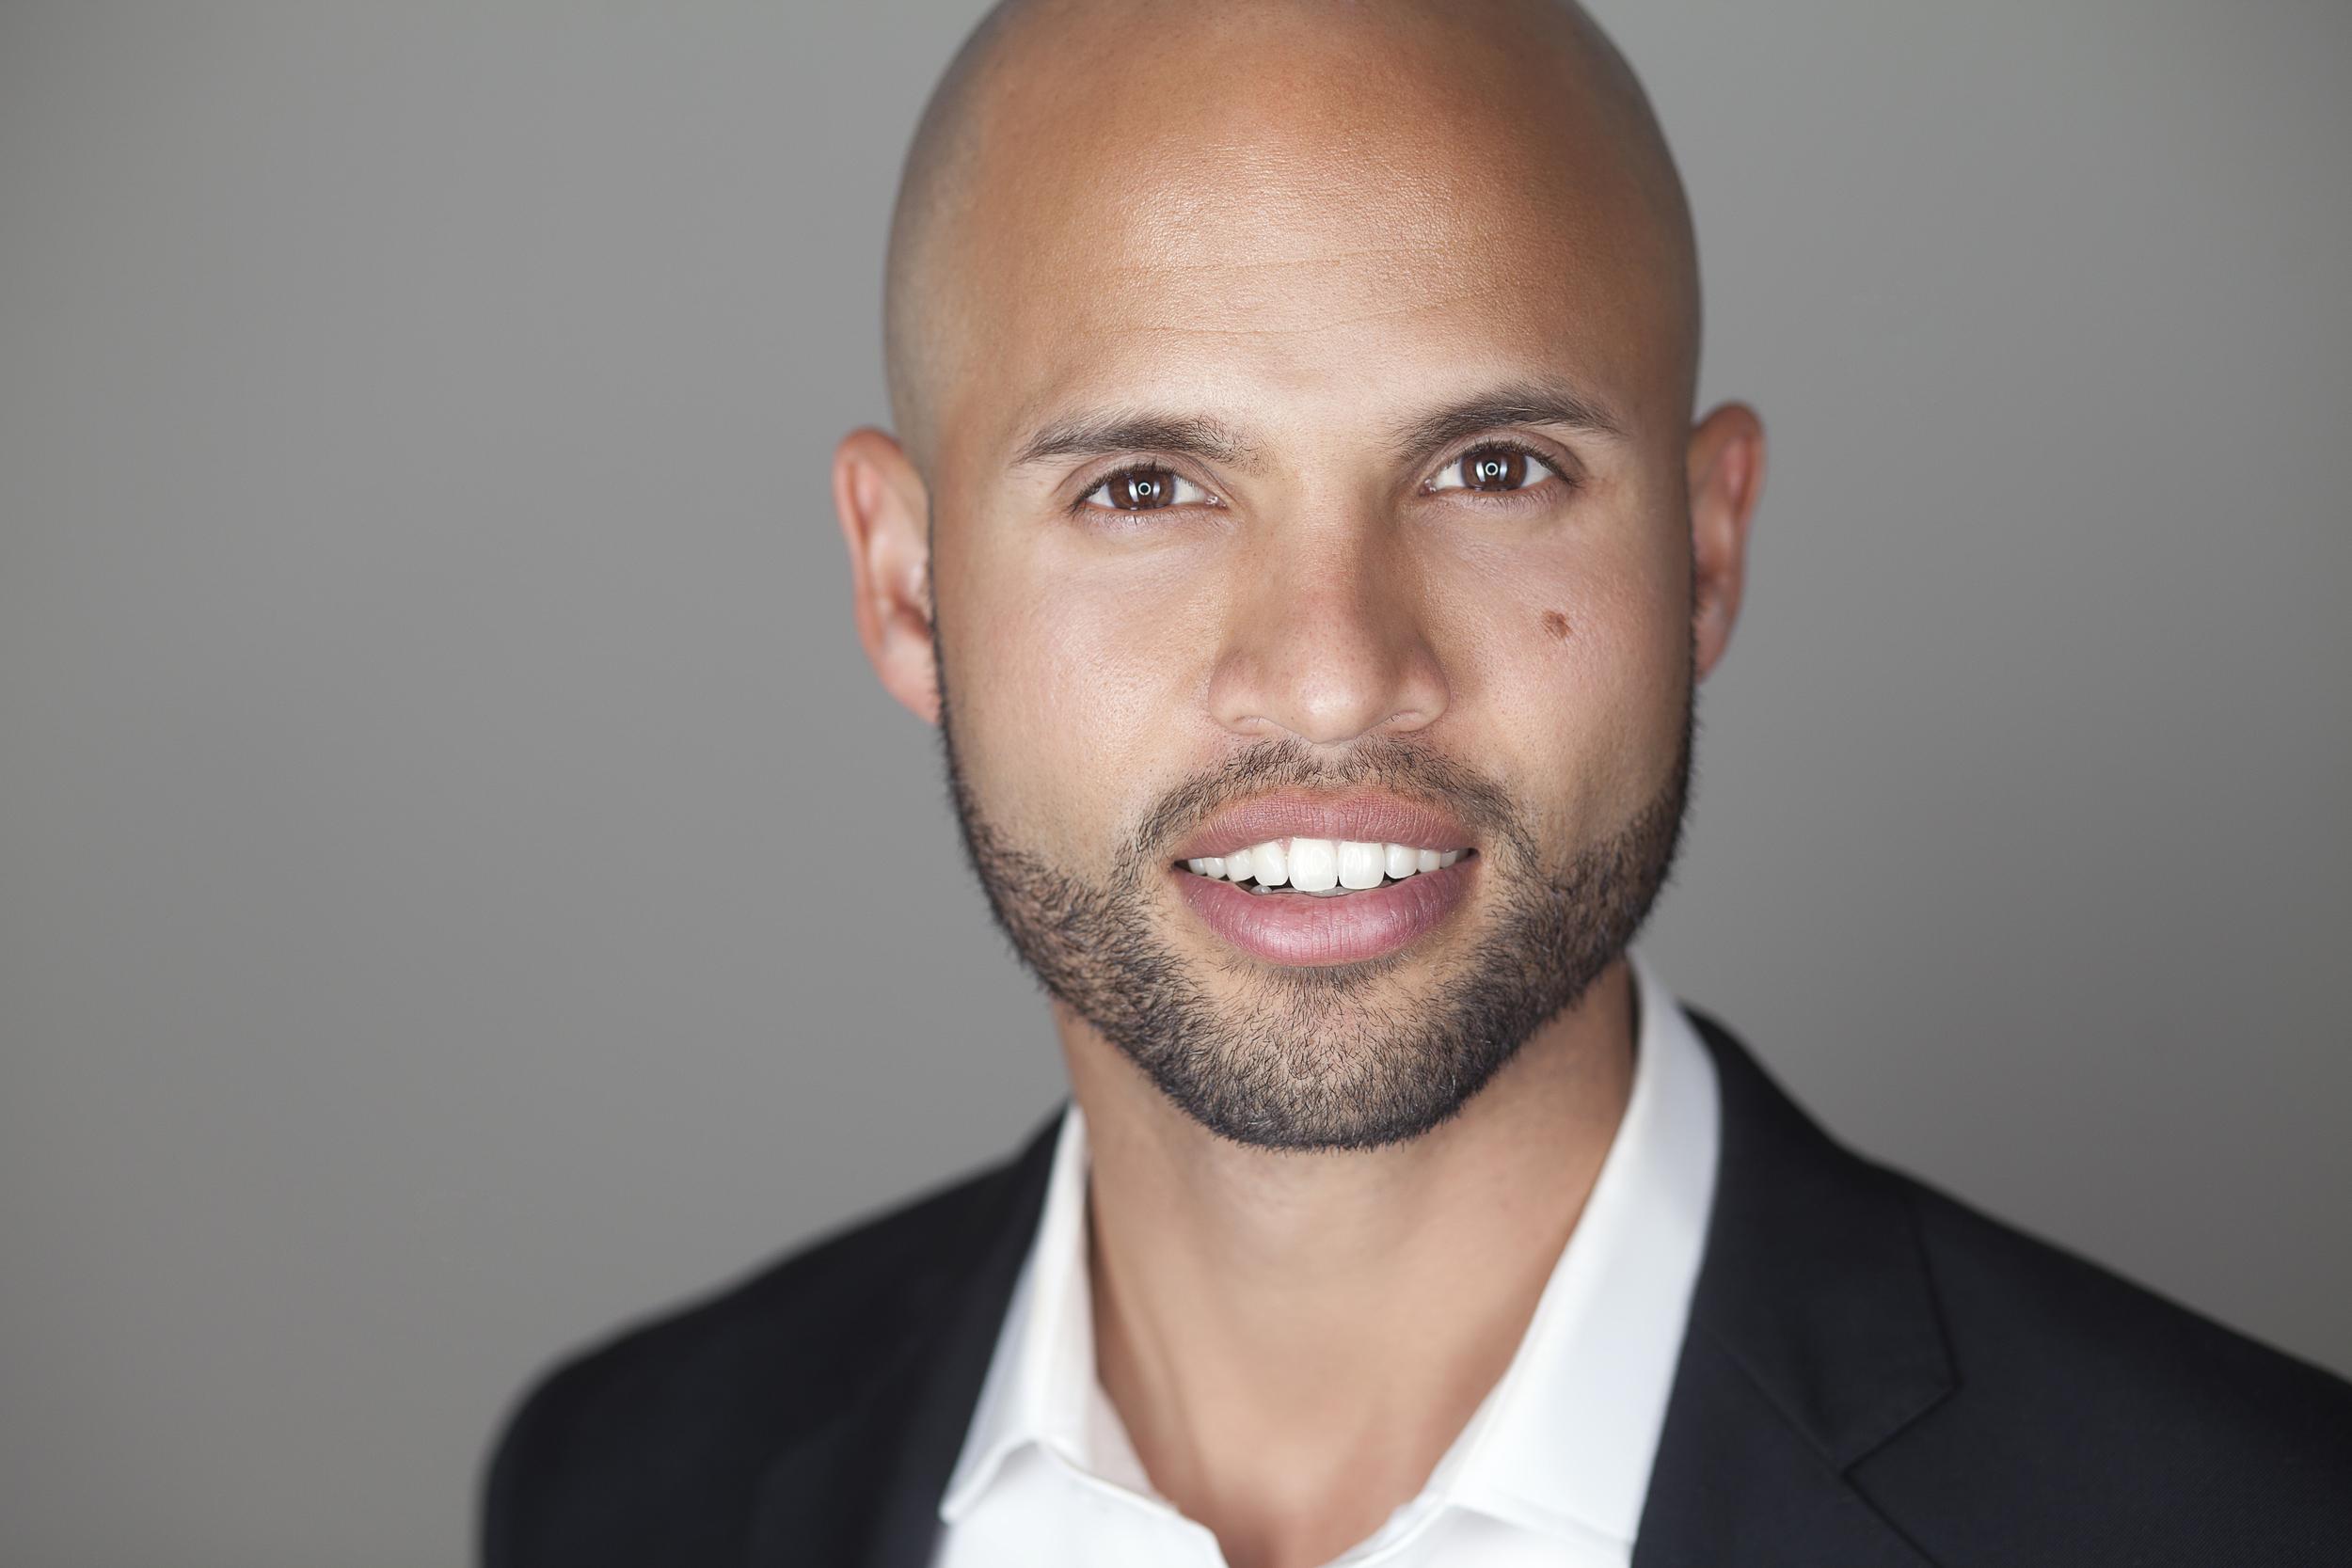 Quddus Philippe, host and speaker